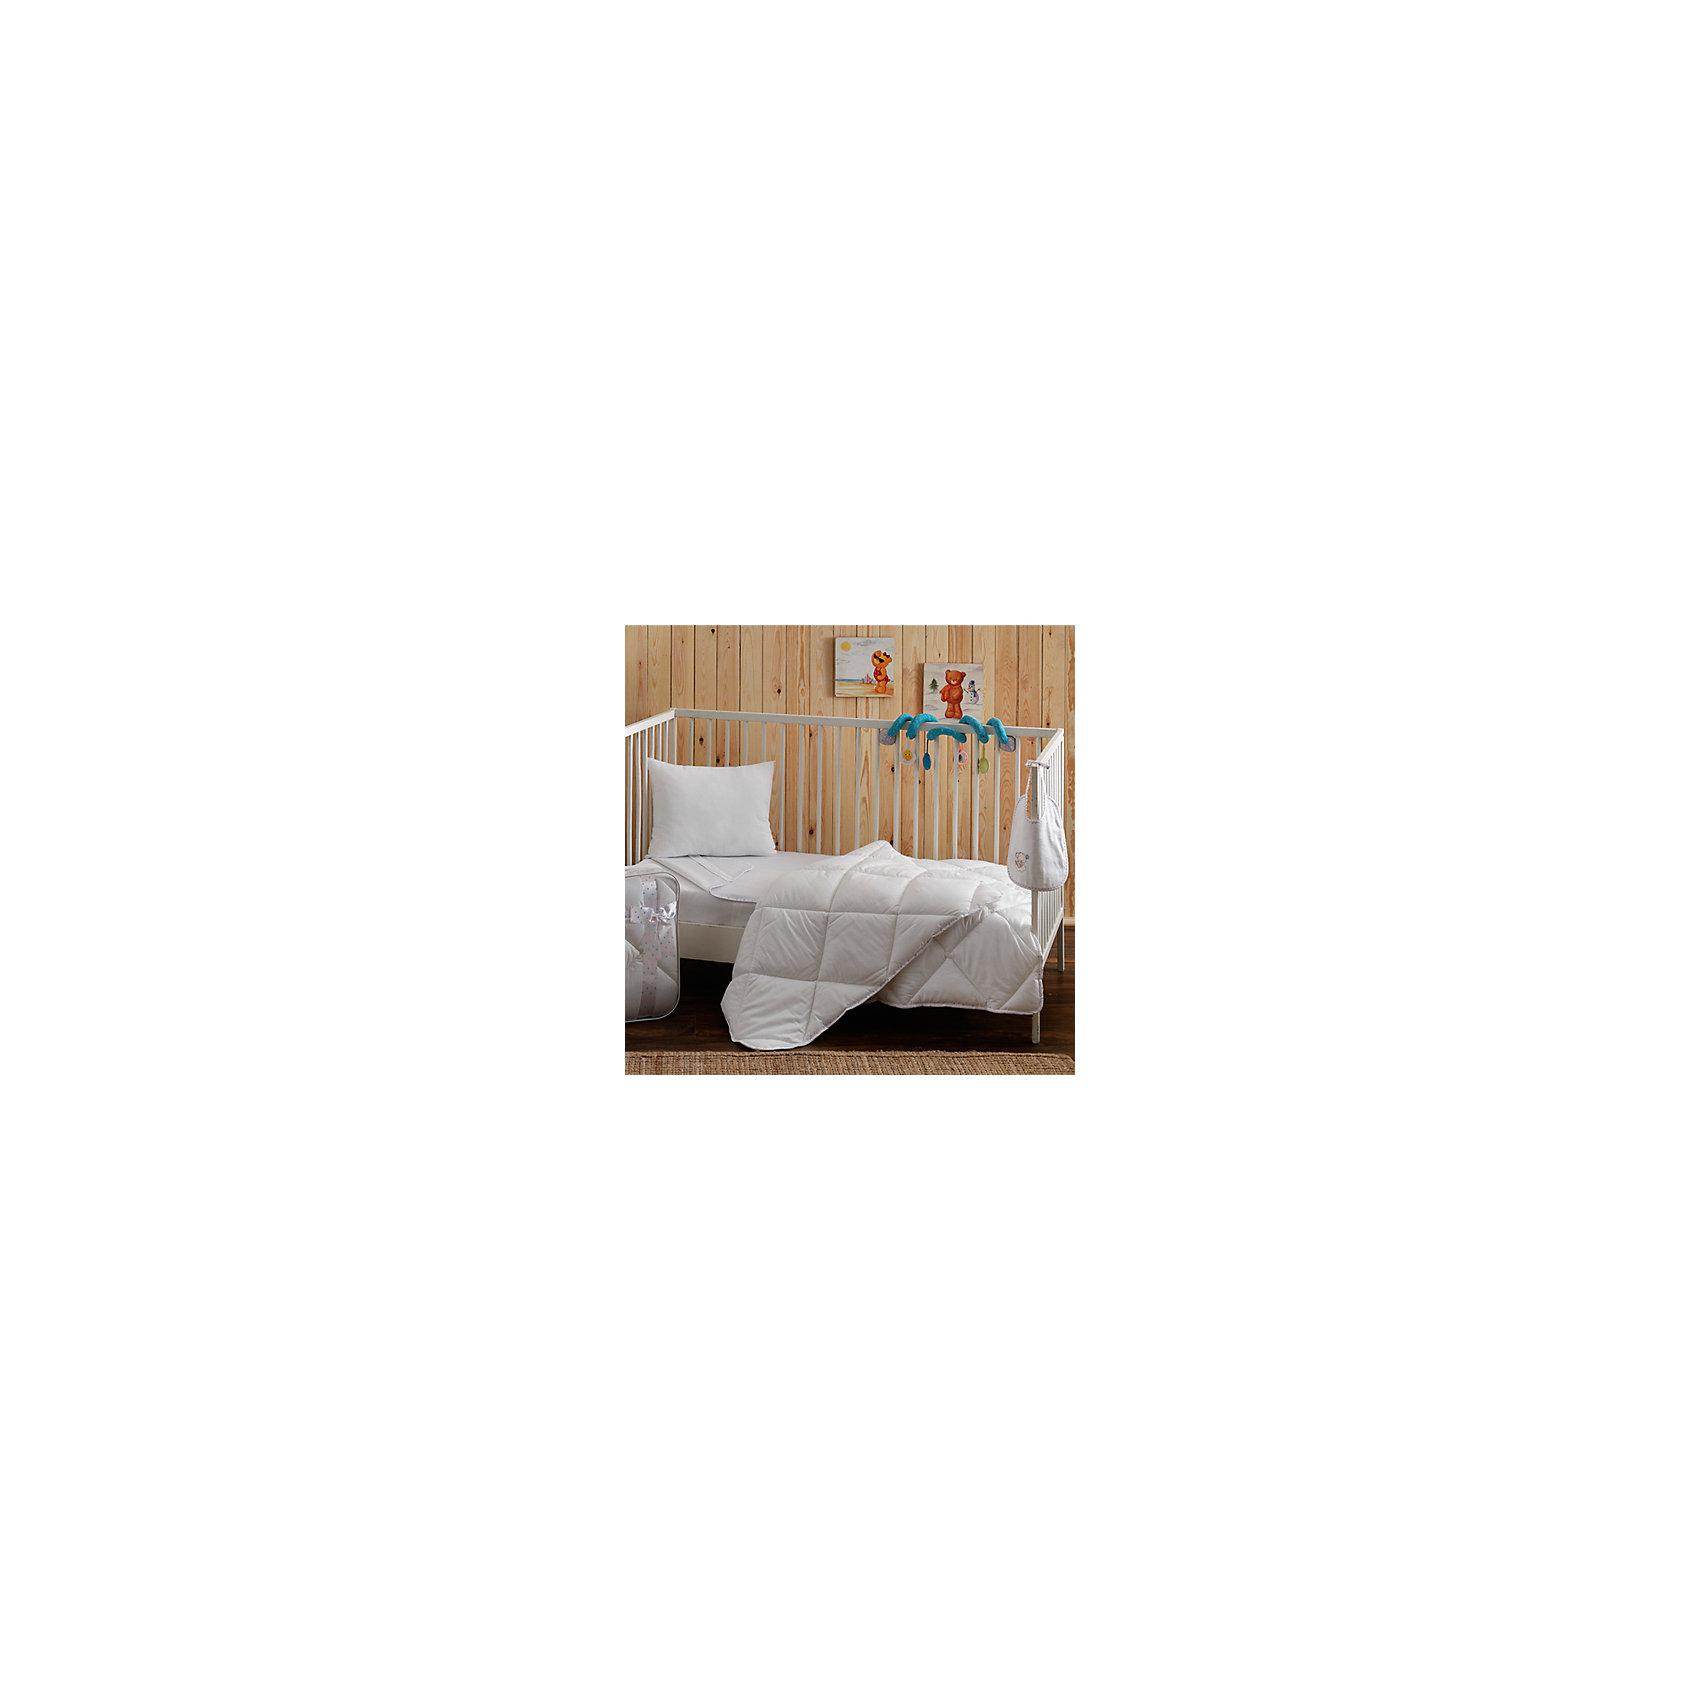 Комплект для новорожденных Casabel (Bebek (одеяло и подушка)), TACДомашний текстиль<br>Характеристики товара: <br><br>• комплектация: одеяло (95х145см), подушка (35х45 см);<br>• материал: микрофибра, силиконовое волокно;<br>• цвет: белый;<br>• страна бренда: Турция;<br>• страна производитель: Турция.<br><br>Этот спальный комплект для новорождённых от турецкого бренда Casabel (Bebek) (Касабель (Бебек)) отлично впишется в интерьер, так как белый цвет подойдет под любые сочетания комнаты. Ткань состоит из мельчайших волокон, что придает мягкость и воздушность изделию. Эти подушка и одеяло будут долго сохранять свою форму благодаря силиконизированным волокнам. <br><br>Материалы, входящие в состав комплекта, гипоаллергенны и не вызывают неприятных ощущений.<br><br>Ткань из микрофибры не боится воды, так как пропускает влагу через себя и выводит её наружу, благодаря этим свойствам ткань легко сушится. Благодаря специальному составу материал не электризуется и способствует улучшению сна ребёнка.<br><br>Такой комплект рекомендуется стирать обычным детским мылом без отдушек.<br><br>Комплект для новорождённых Casabel (Bebek) (Касабель (Бебек)) можно купить в нашем интернет-магазине.<br><br>Ширина мм: 470<br>Глубина мм: 200<br>Высота мм: 400<br>Вес г: 600<br>Возраст от месяцев: 0<br>Возраст до месяцев: 36<br>Пол: Унисекс<br>Возраст: Детский<br>SKU: 6849238